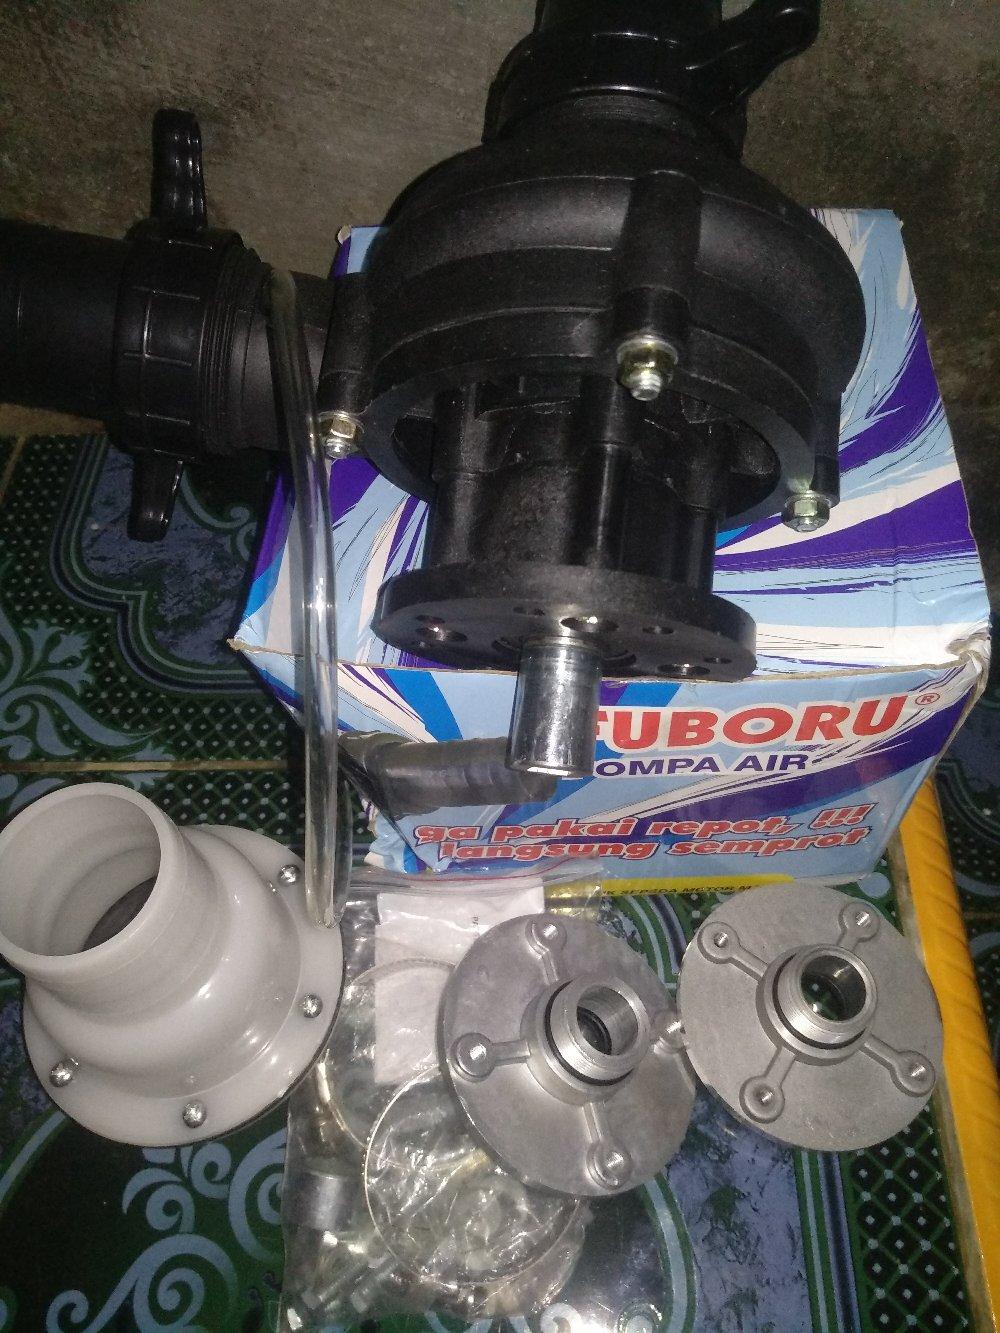 TERLARIS!!! Pompa Air Fuboru tanpa listrik hemat murah ...